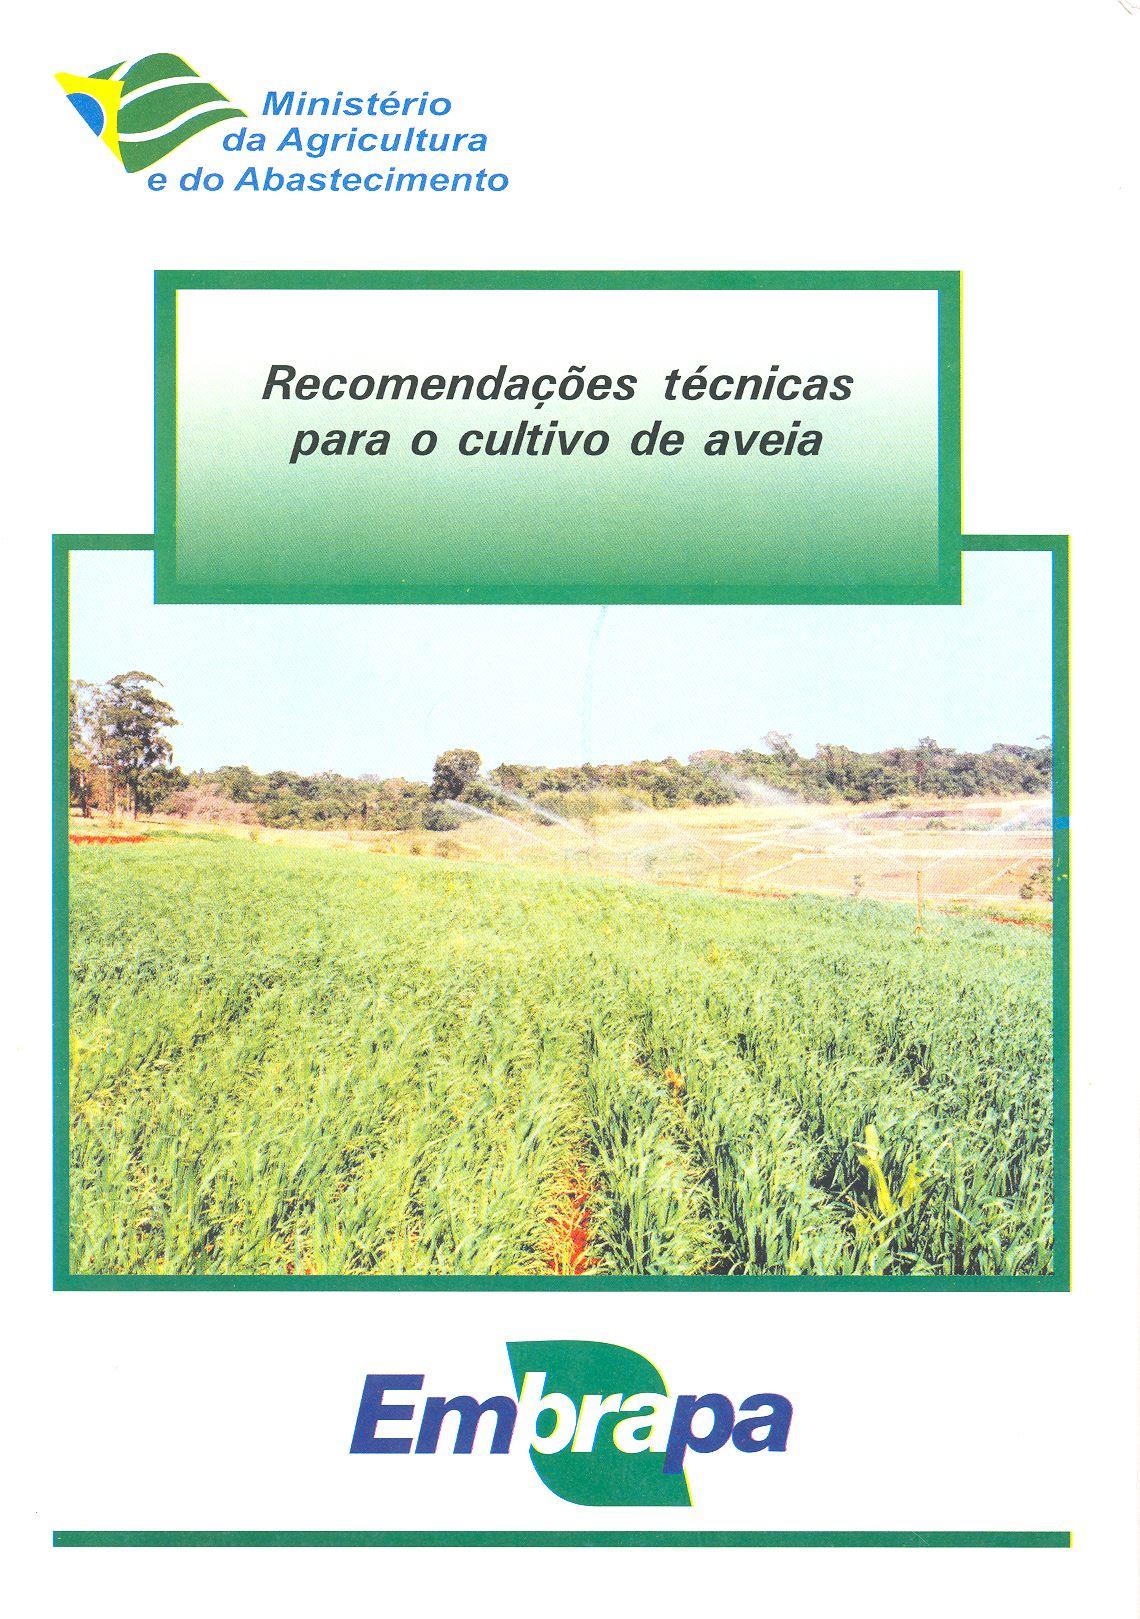 Recomendações técnicas para o cultivo de aveia